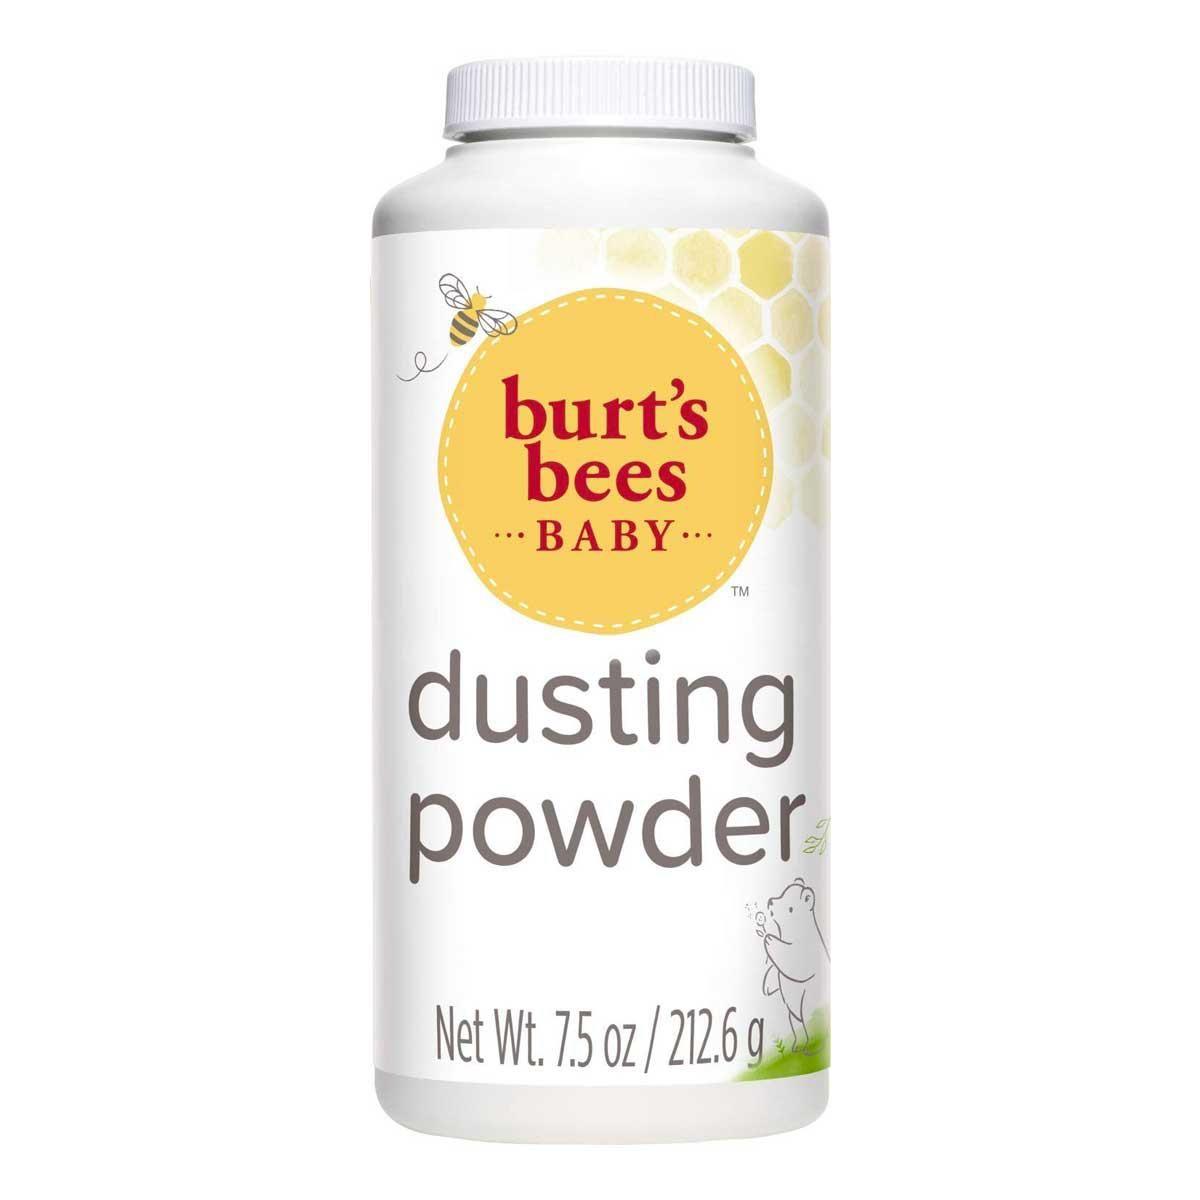 burts bees baby 100 percent natural dusting powder